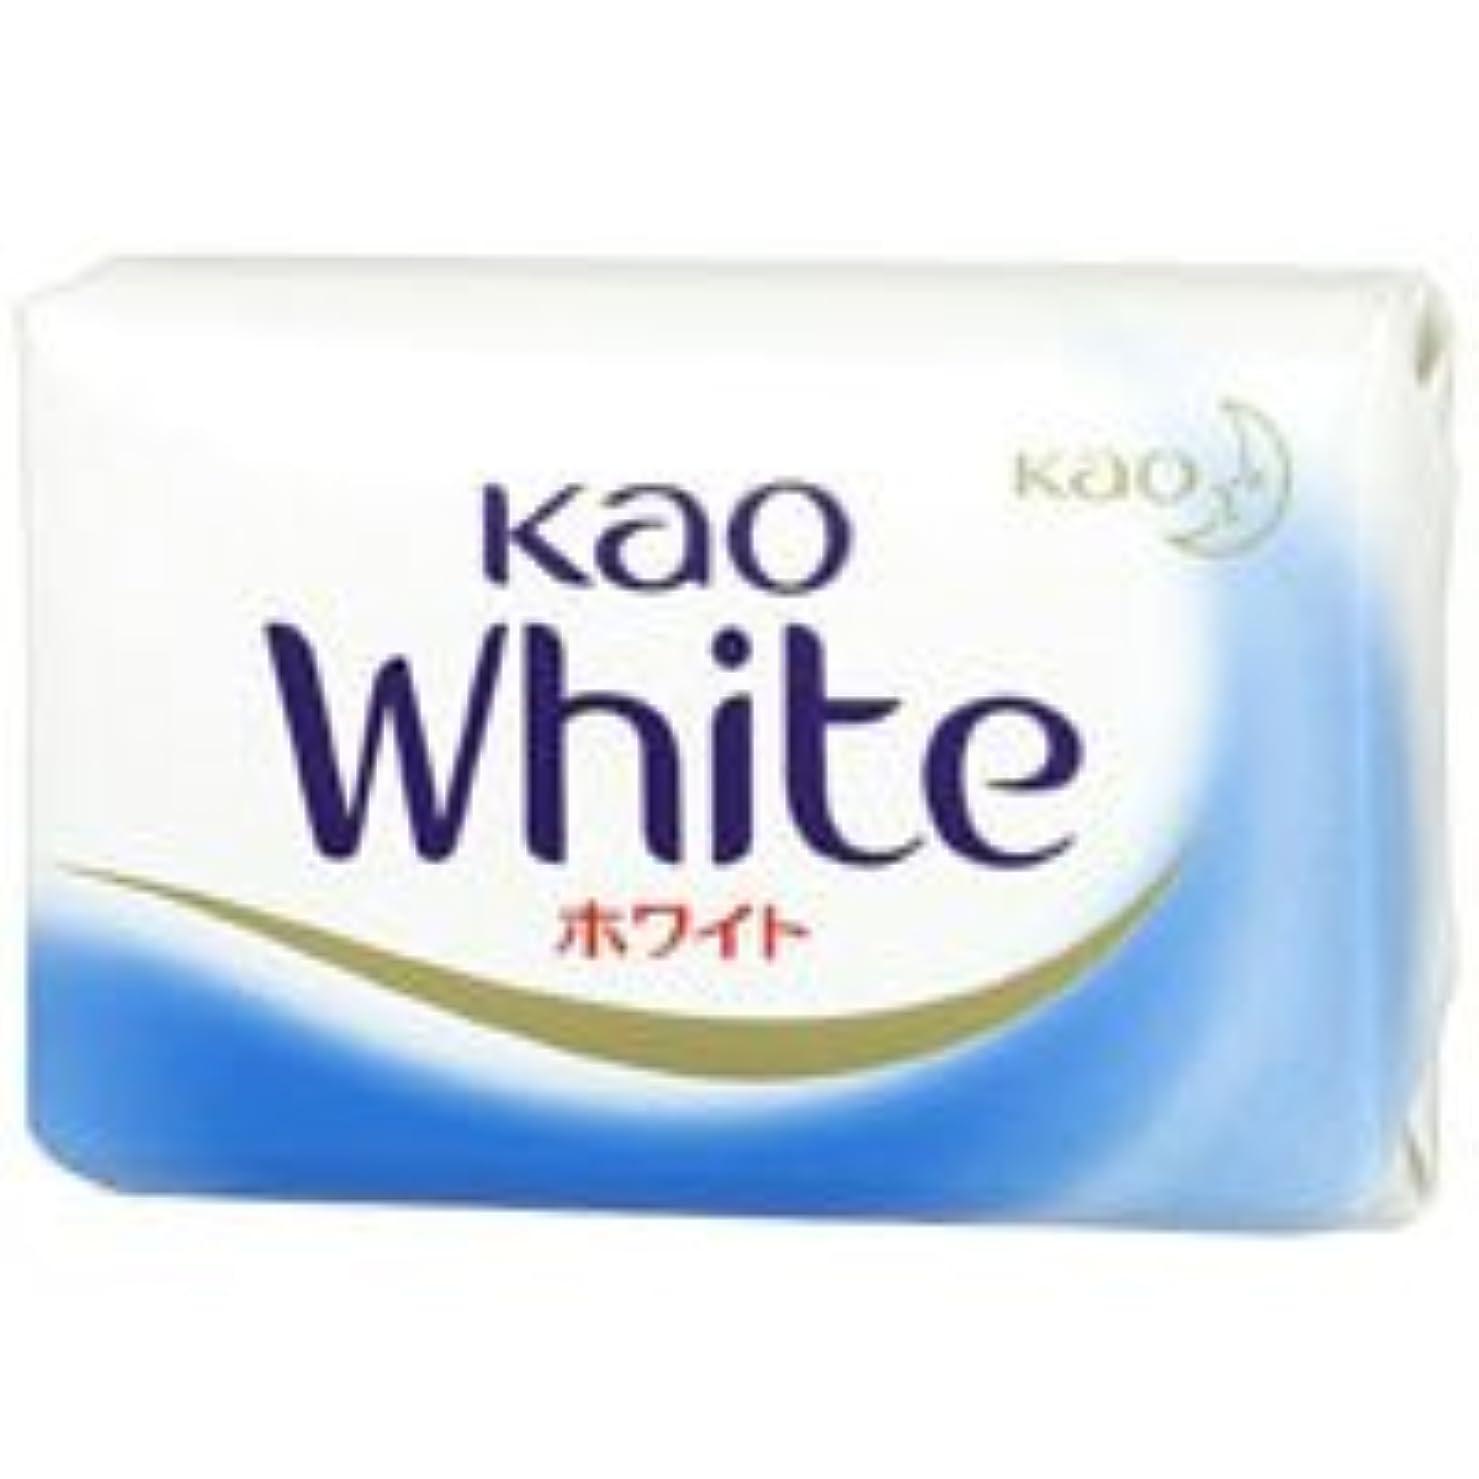 隣接するジョイントクリーム花王石鹸ホワイト 業務用ミニサイズ 15g